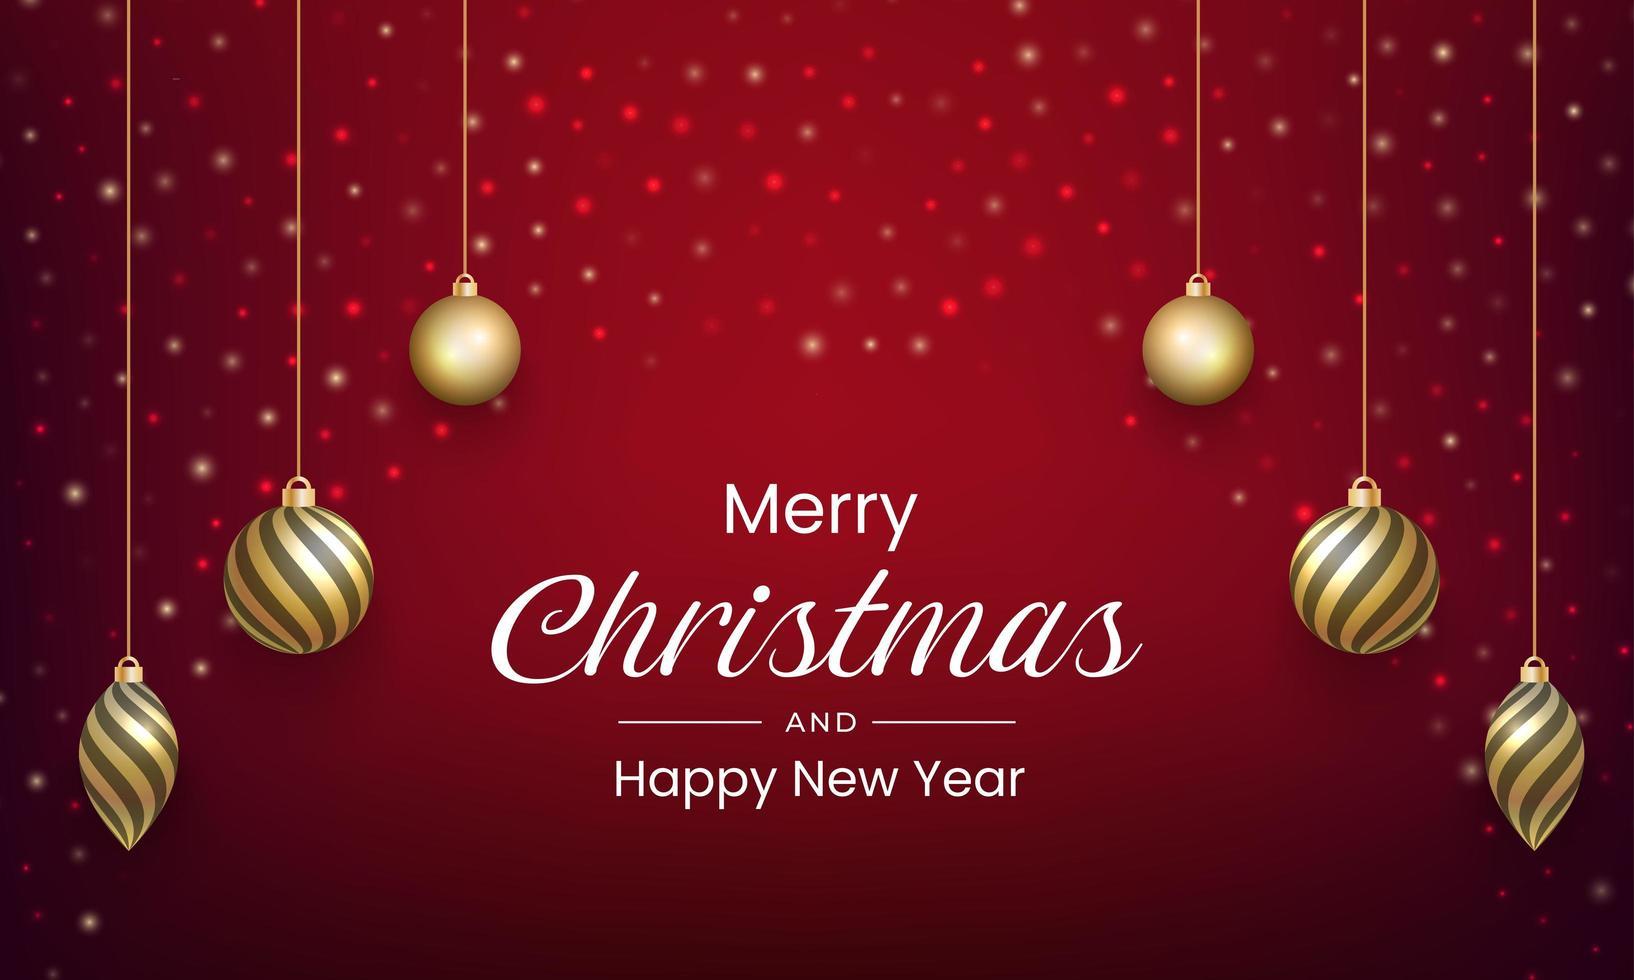 prettige kerstdagen en nieuwjaar terug vector